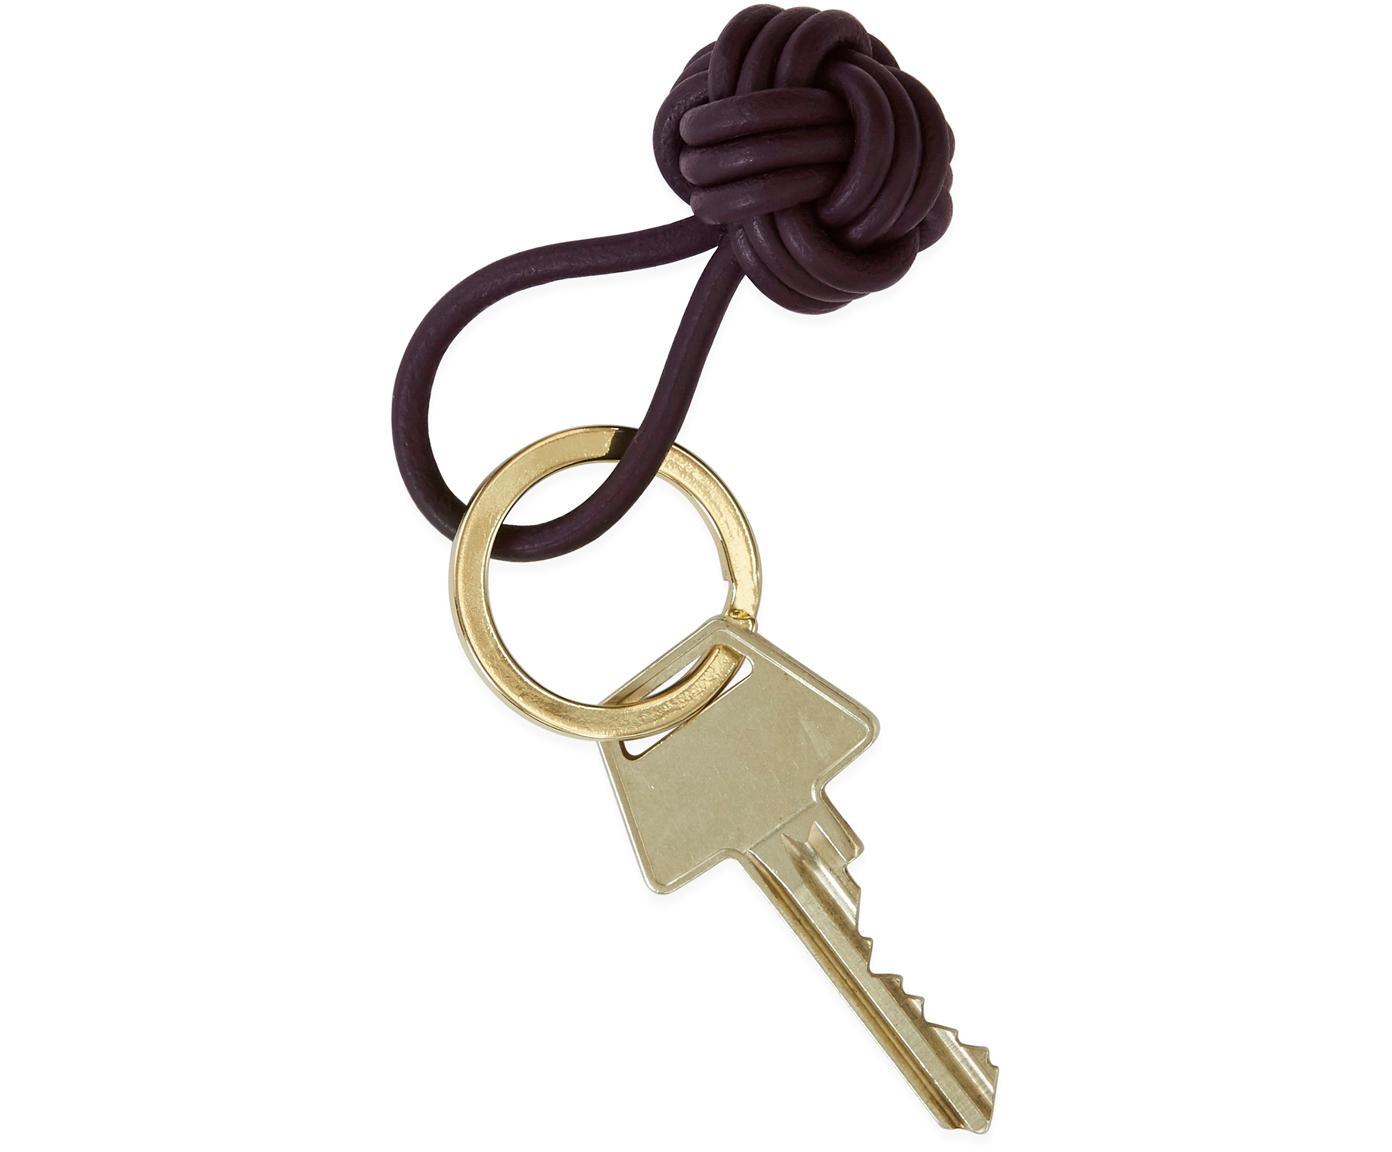 Sleutelhanger Knot, Leer, Bordeauxrood, Ø 4 cm